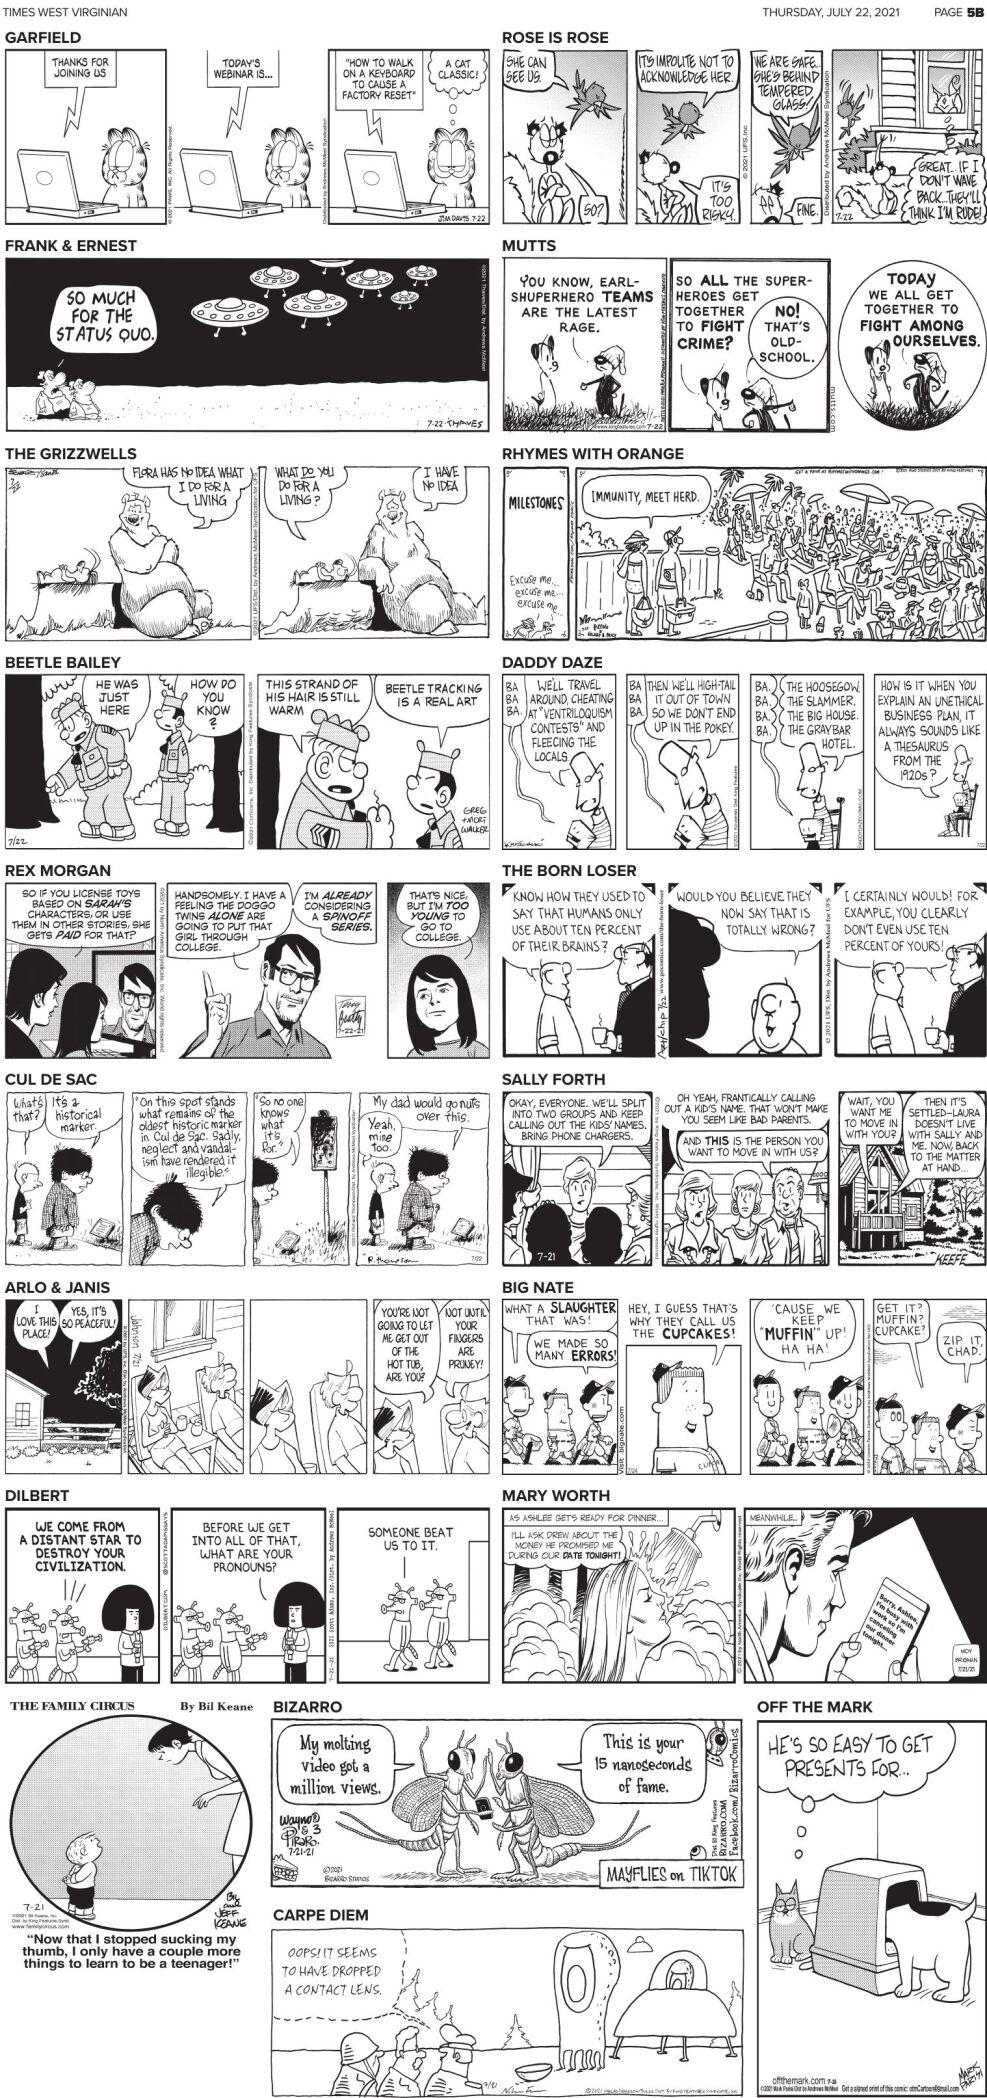 July 22 comics.pdf